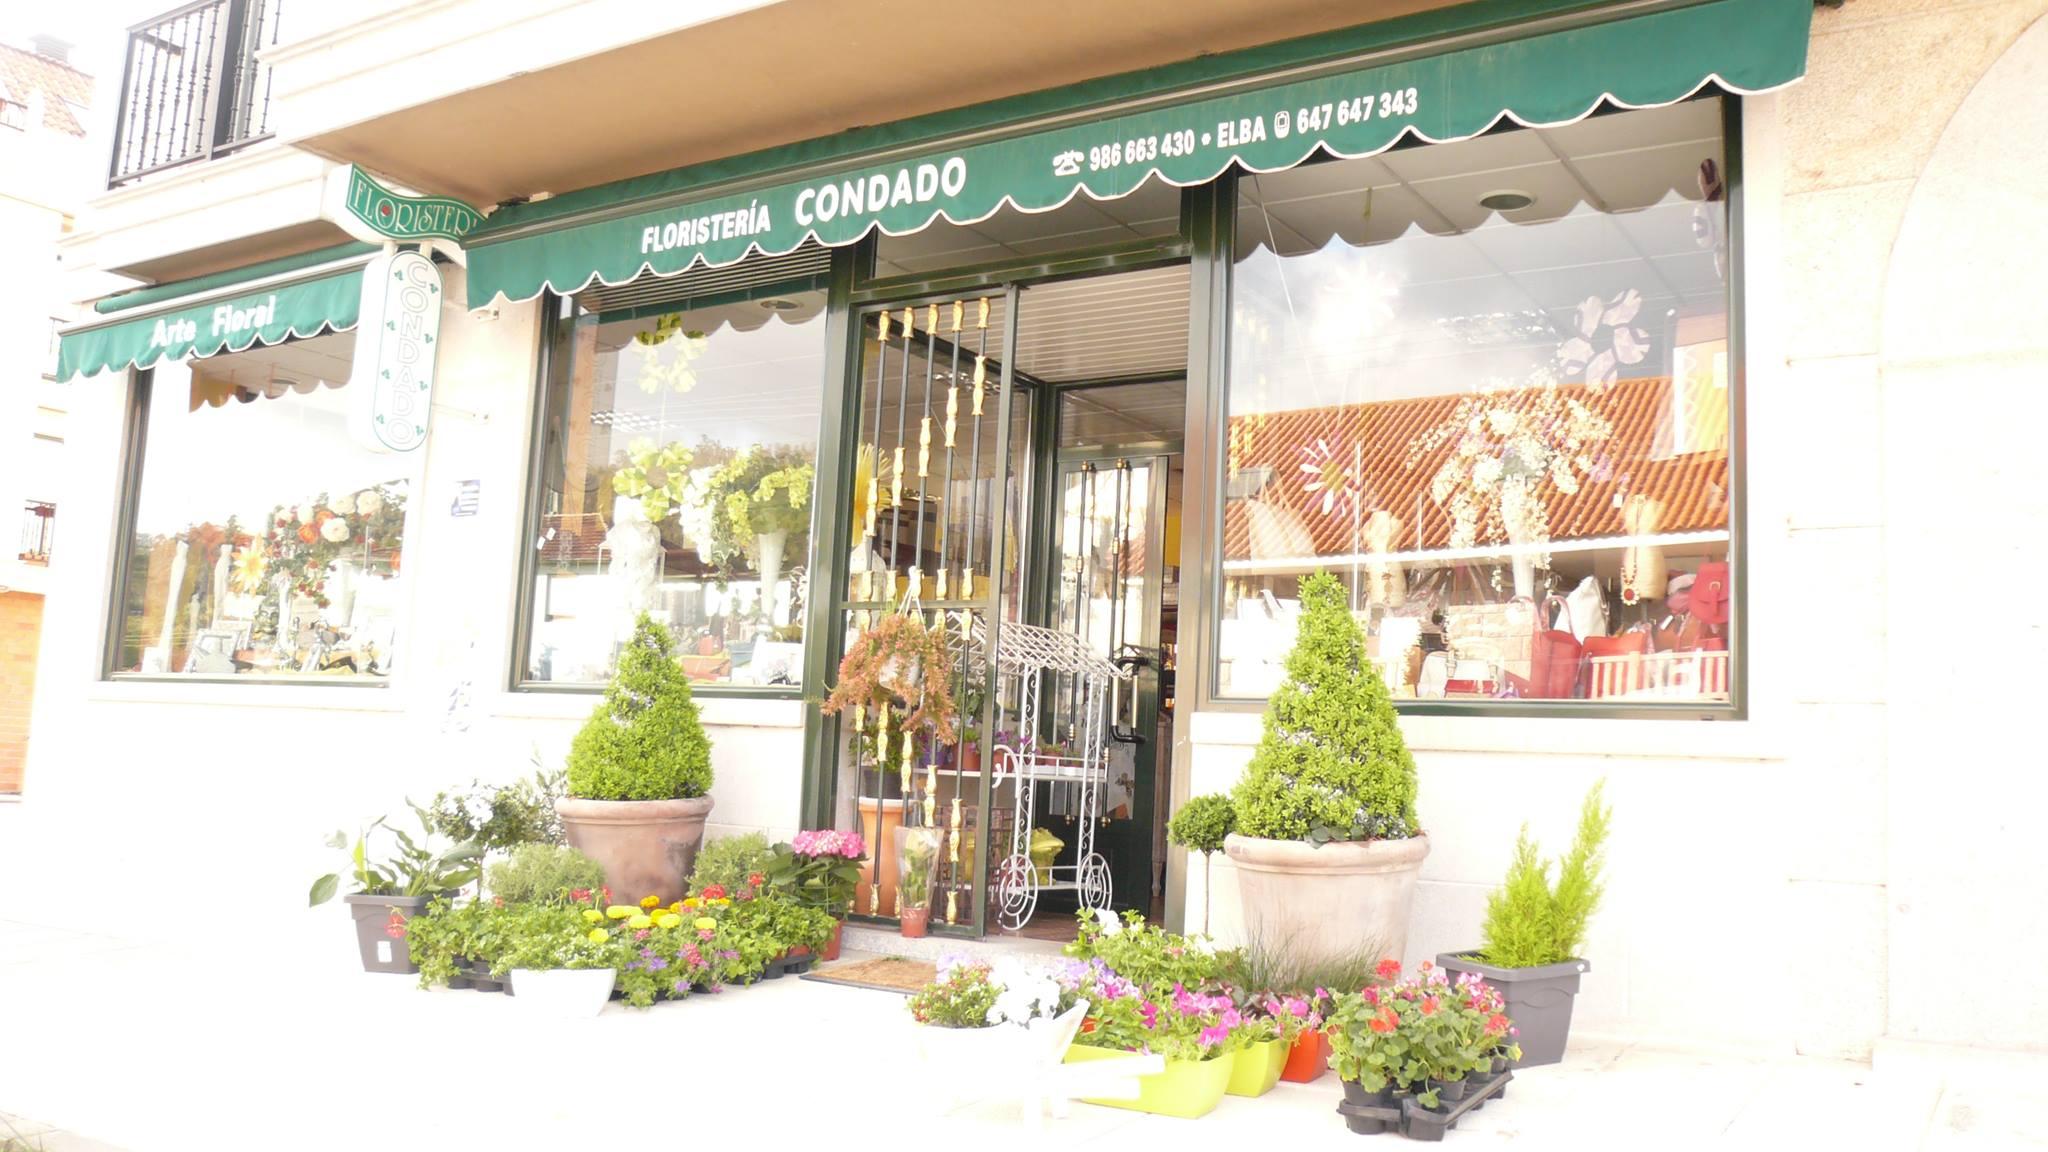 Floristería Y Detalles Condado